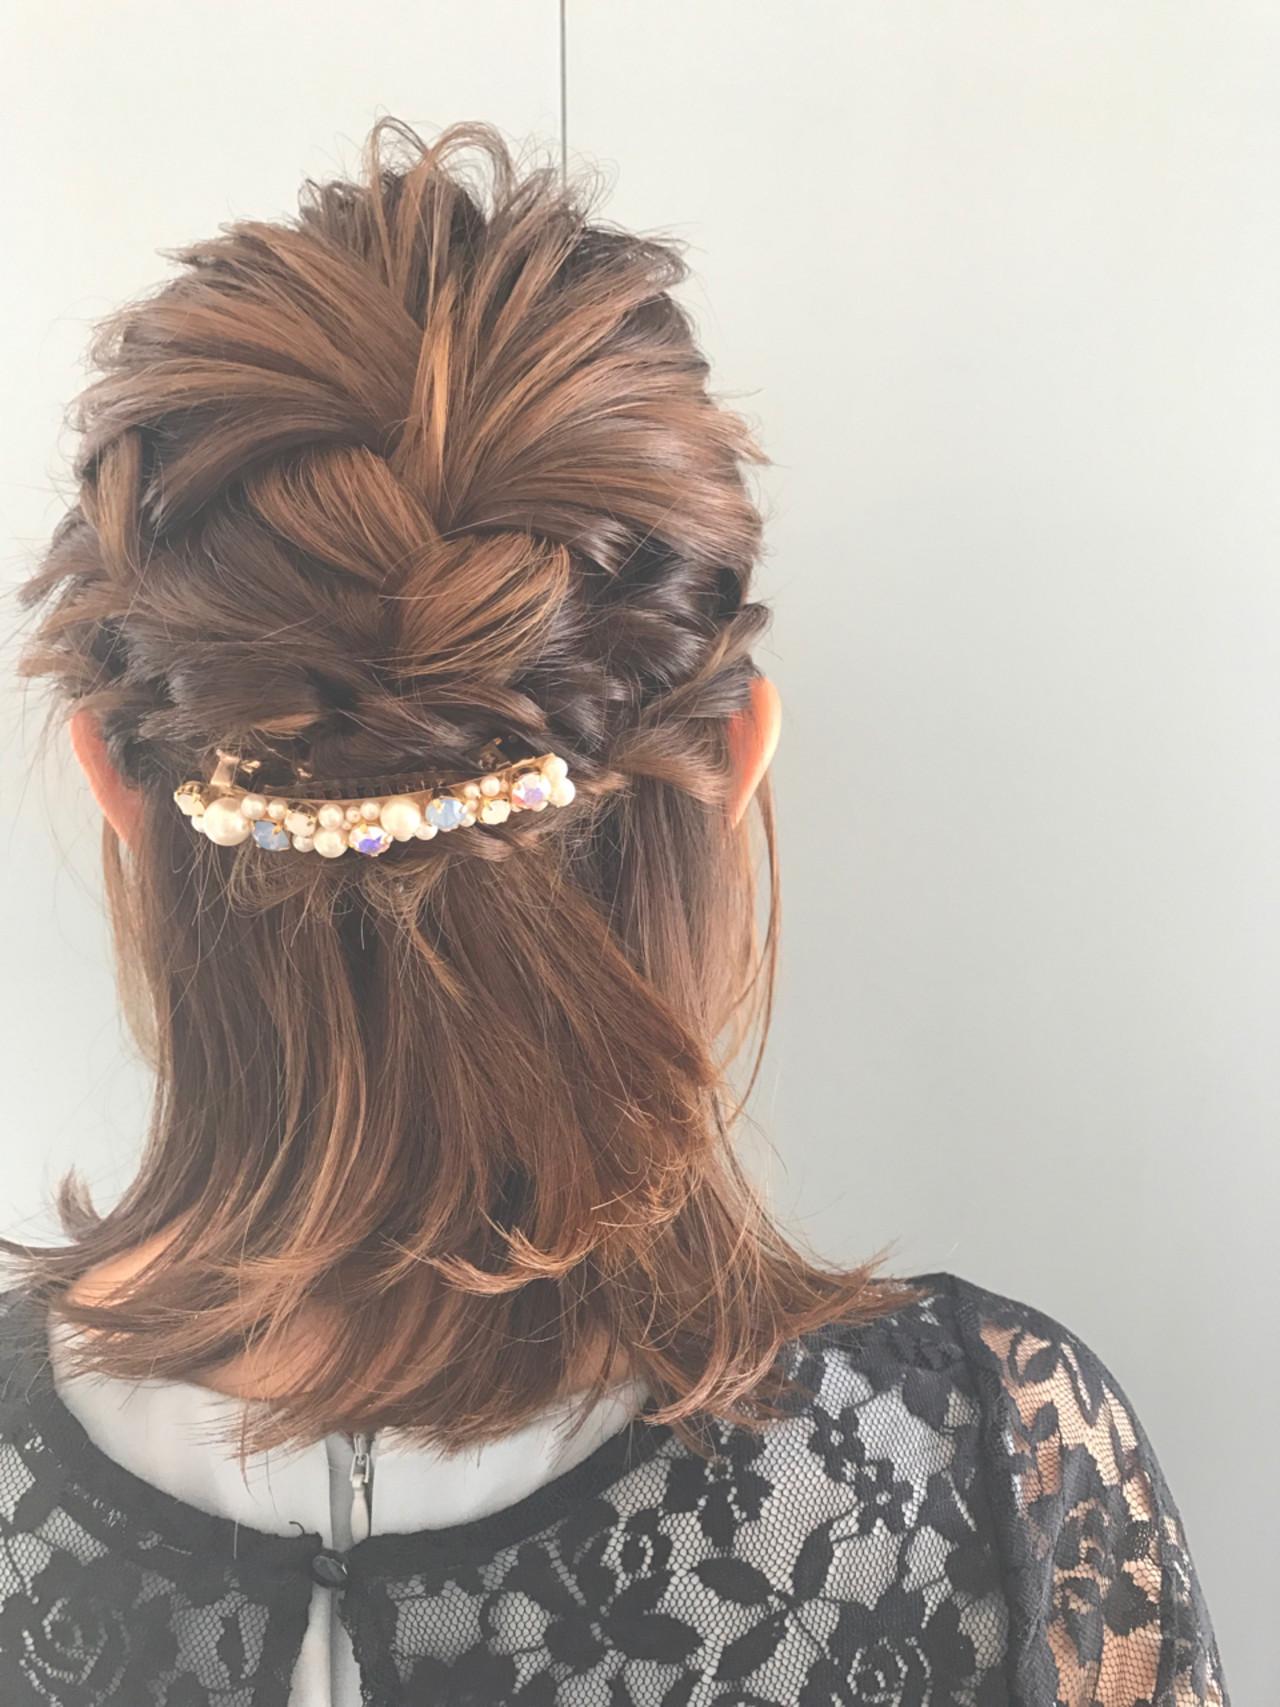 ヘアアレンジ ボブ ナチュラル 女子会 ヘアスタイルや髪型の写真・画像 | RIO watanabe / tuuli トゥーリ